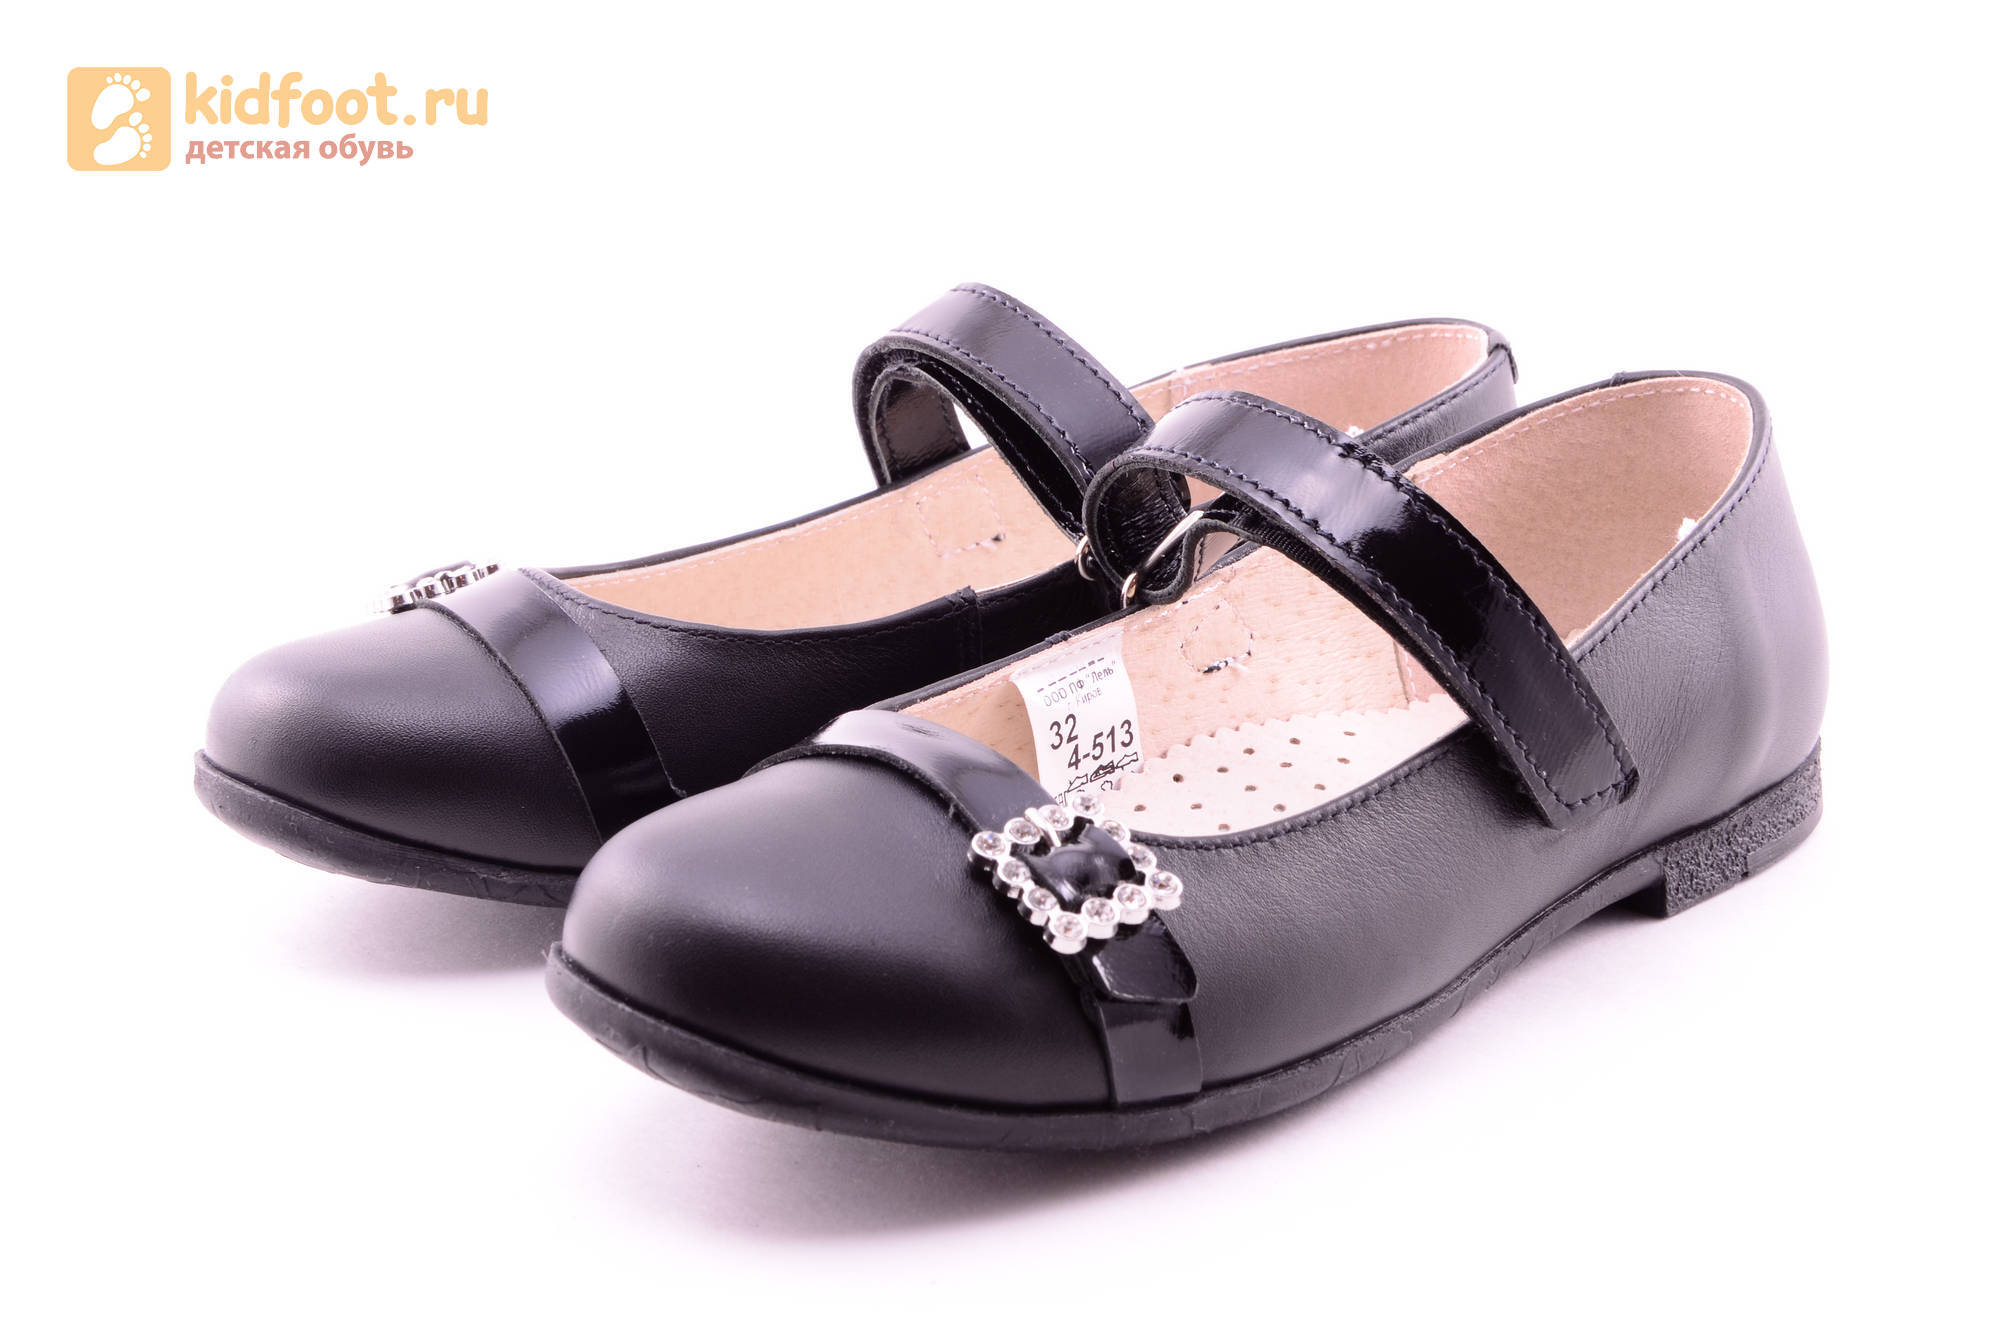 Туфли для девочек из натуральной кожи на липучке Лель (LEL), цвет черный